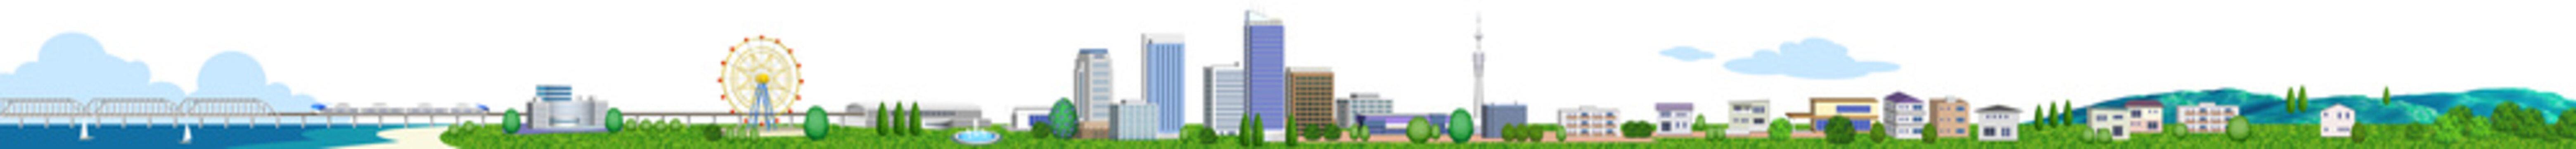 住宅やビルの街並み横長 3Dイラスト